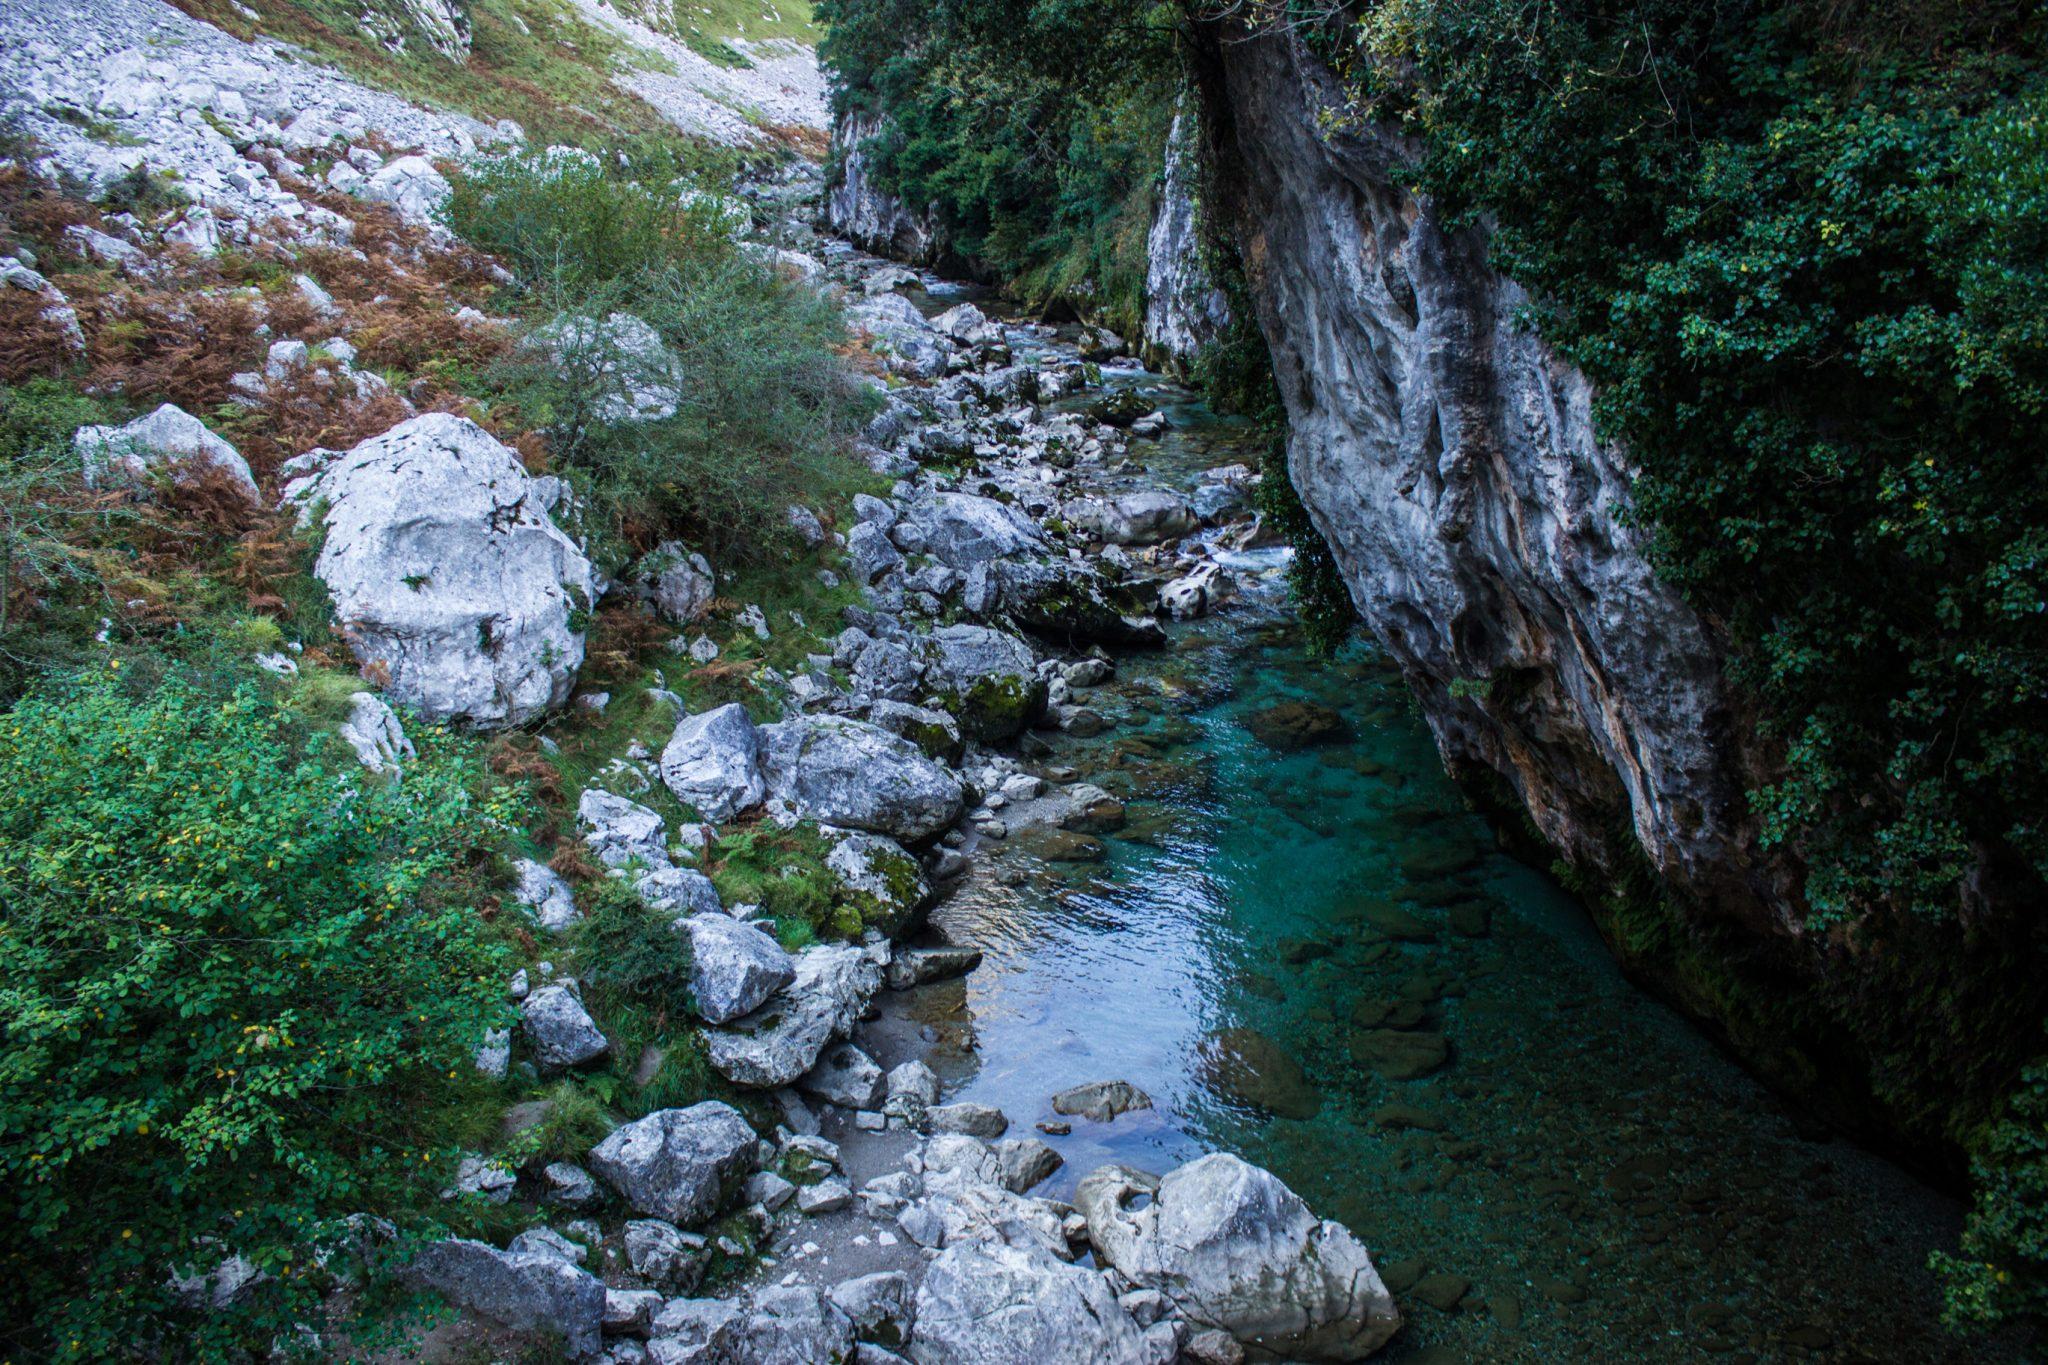 Wanderung Poncebos nach Bulnes in den Picos de Europa, Überquerung des Flusses Cares, kristallklares Wasser, Felswand